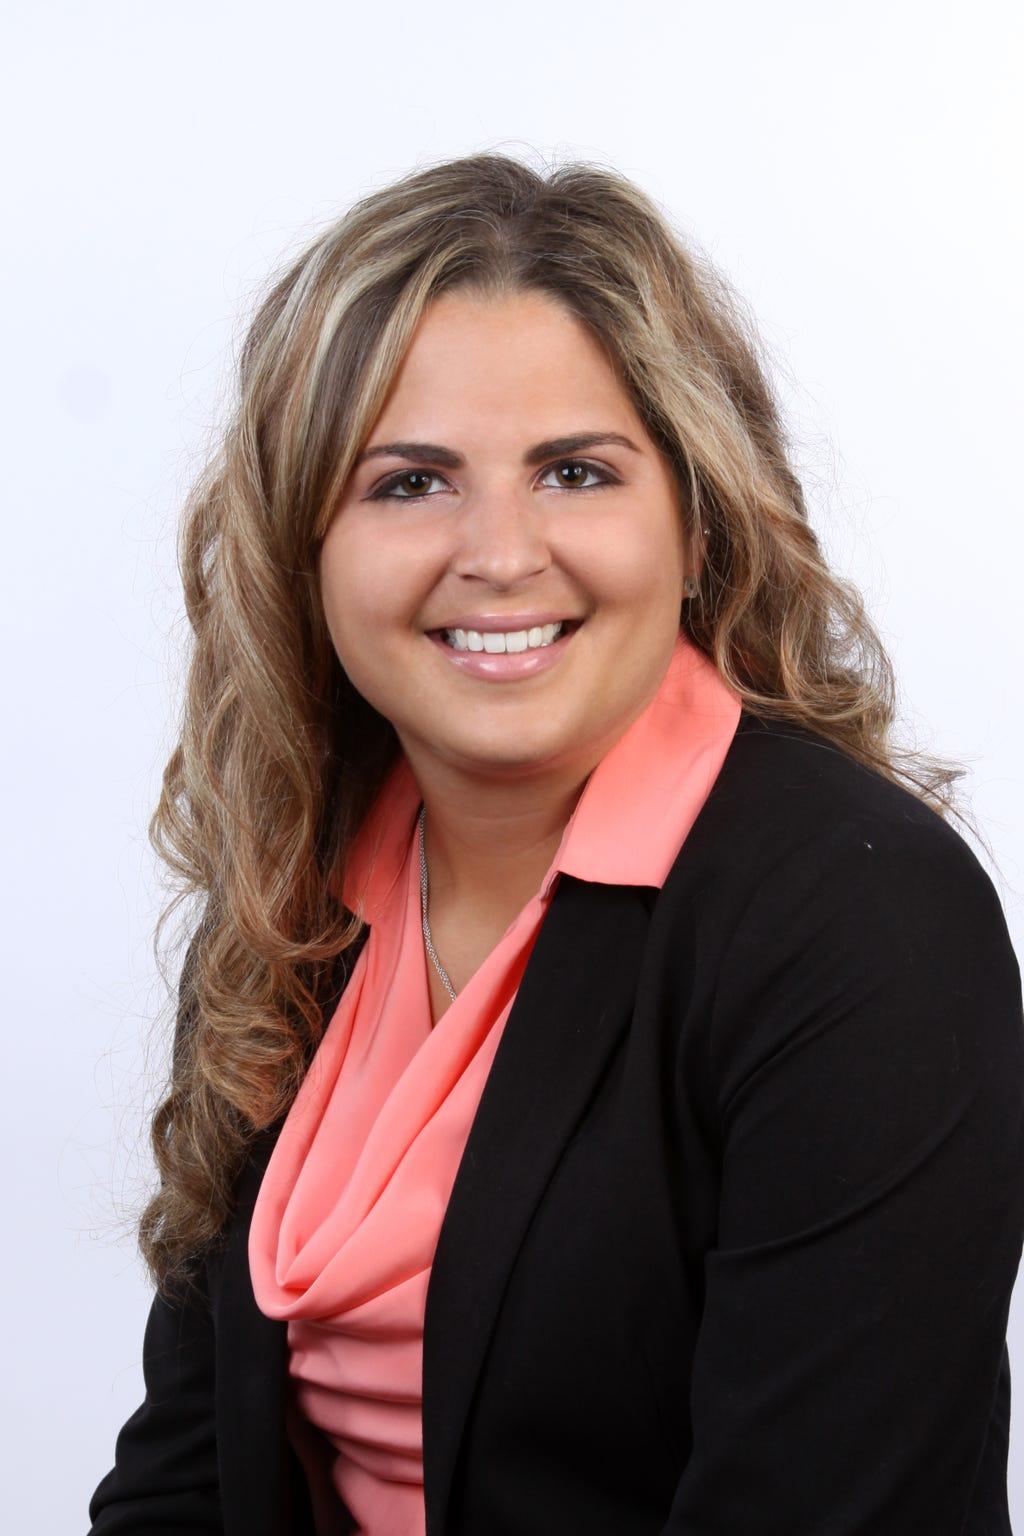 Amy Kopecky